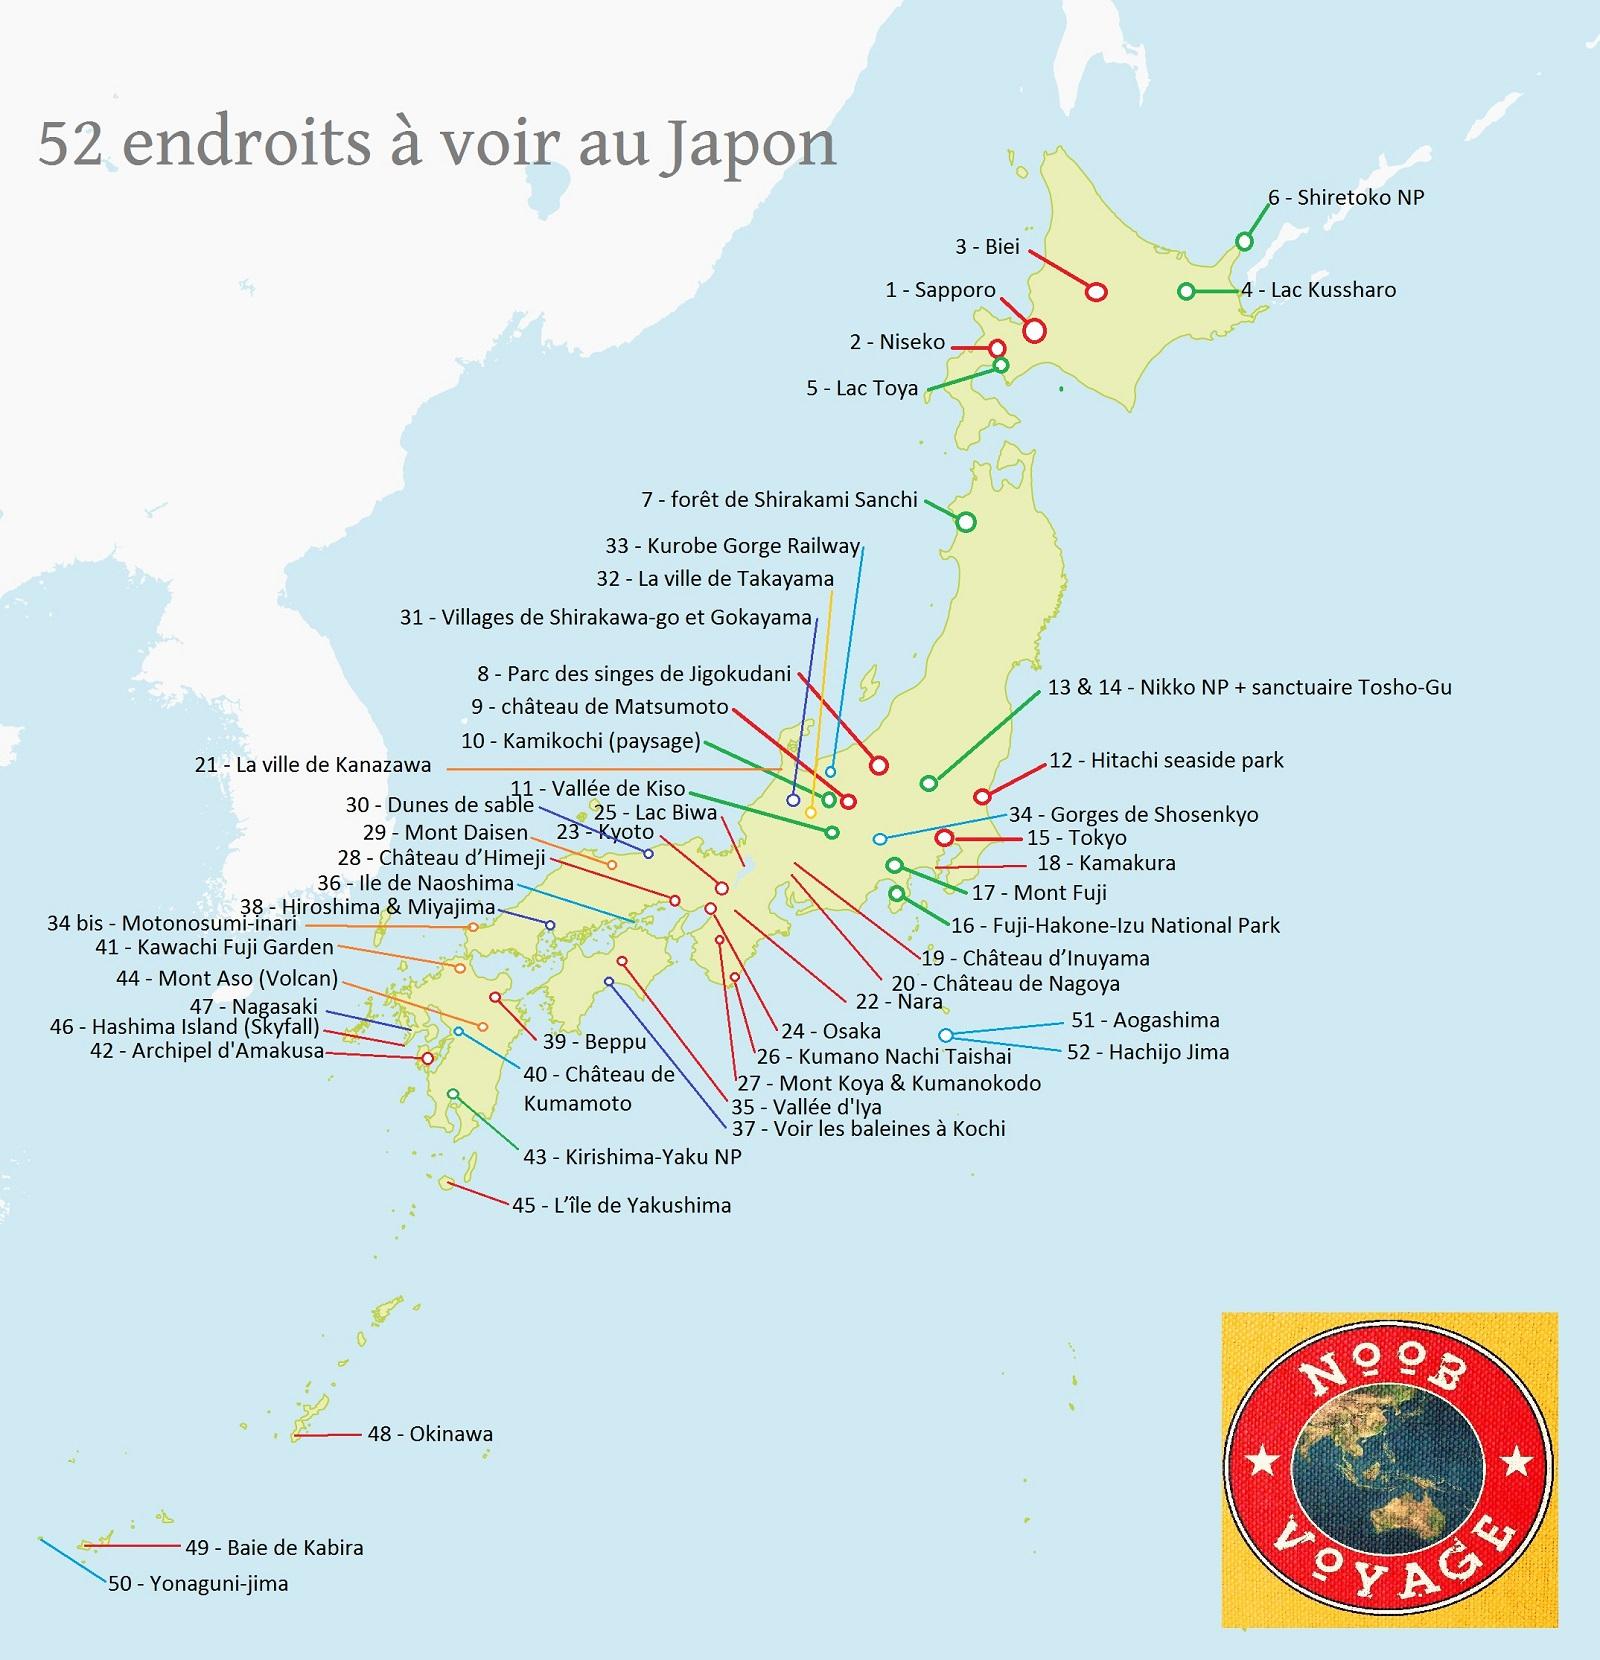 Carte du Japon détaillée à imprimer | Noobvoyage.fr